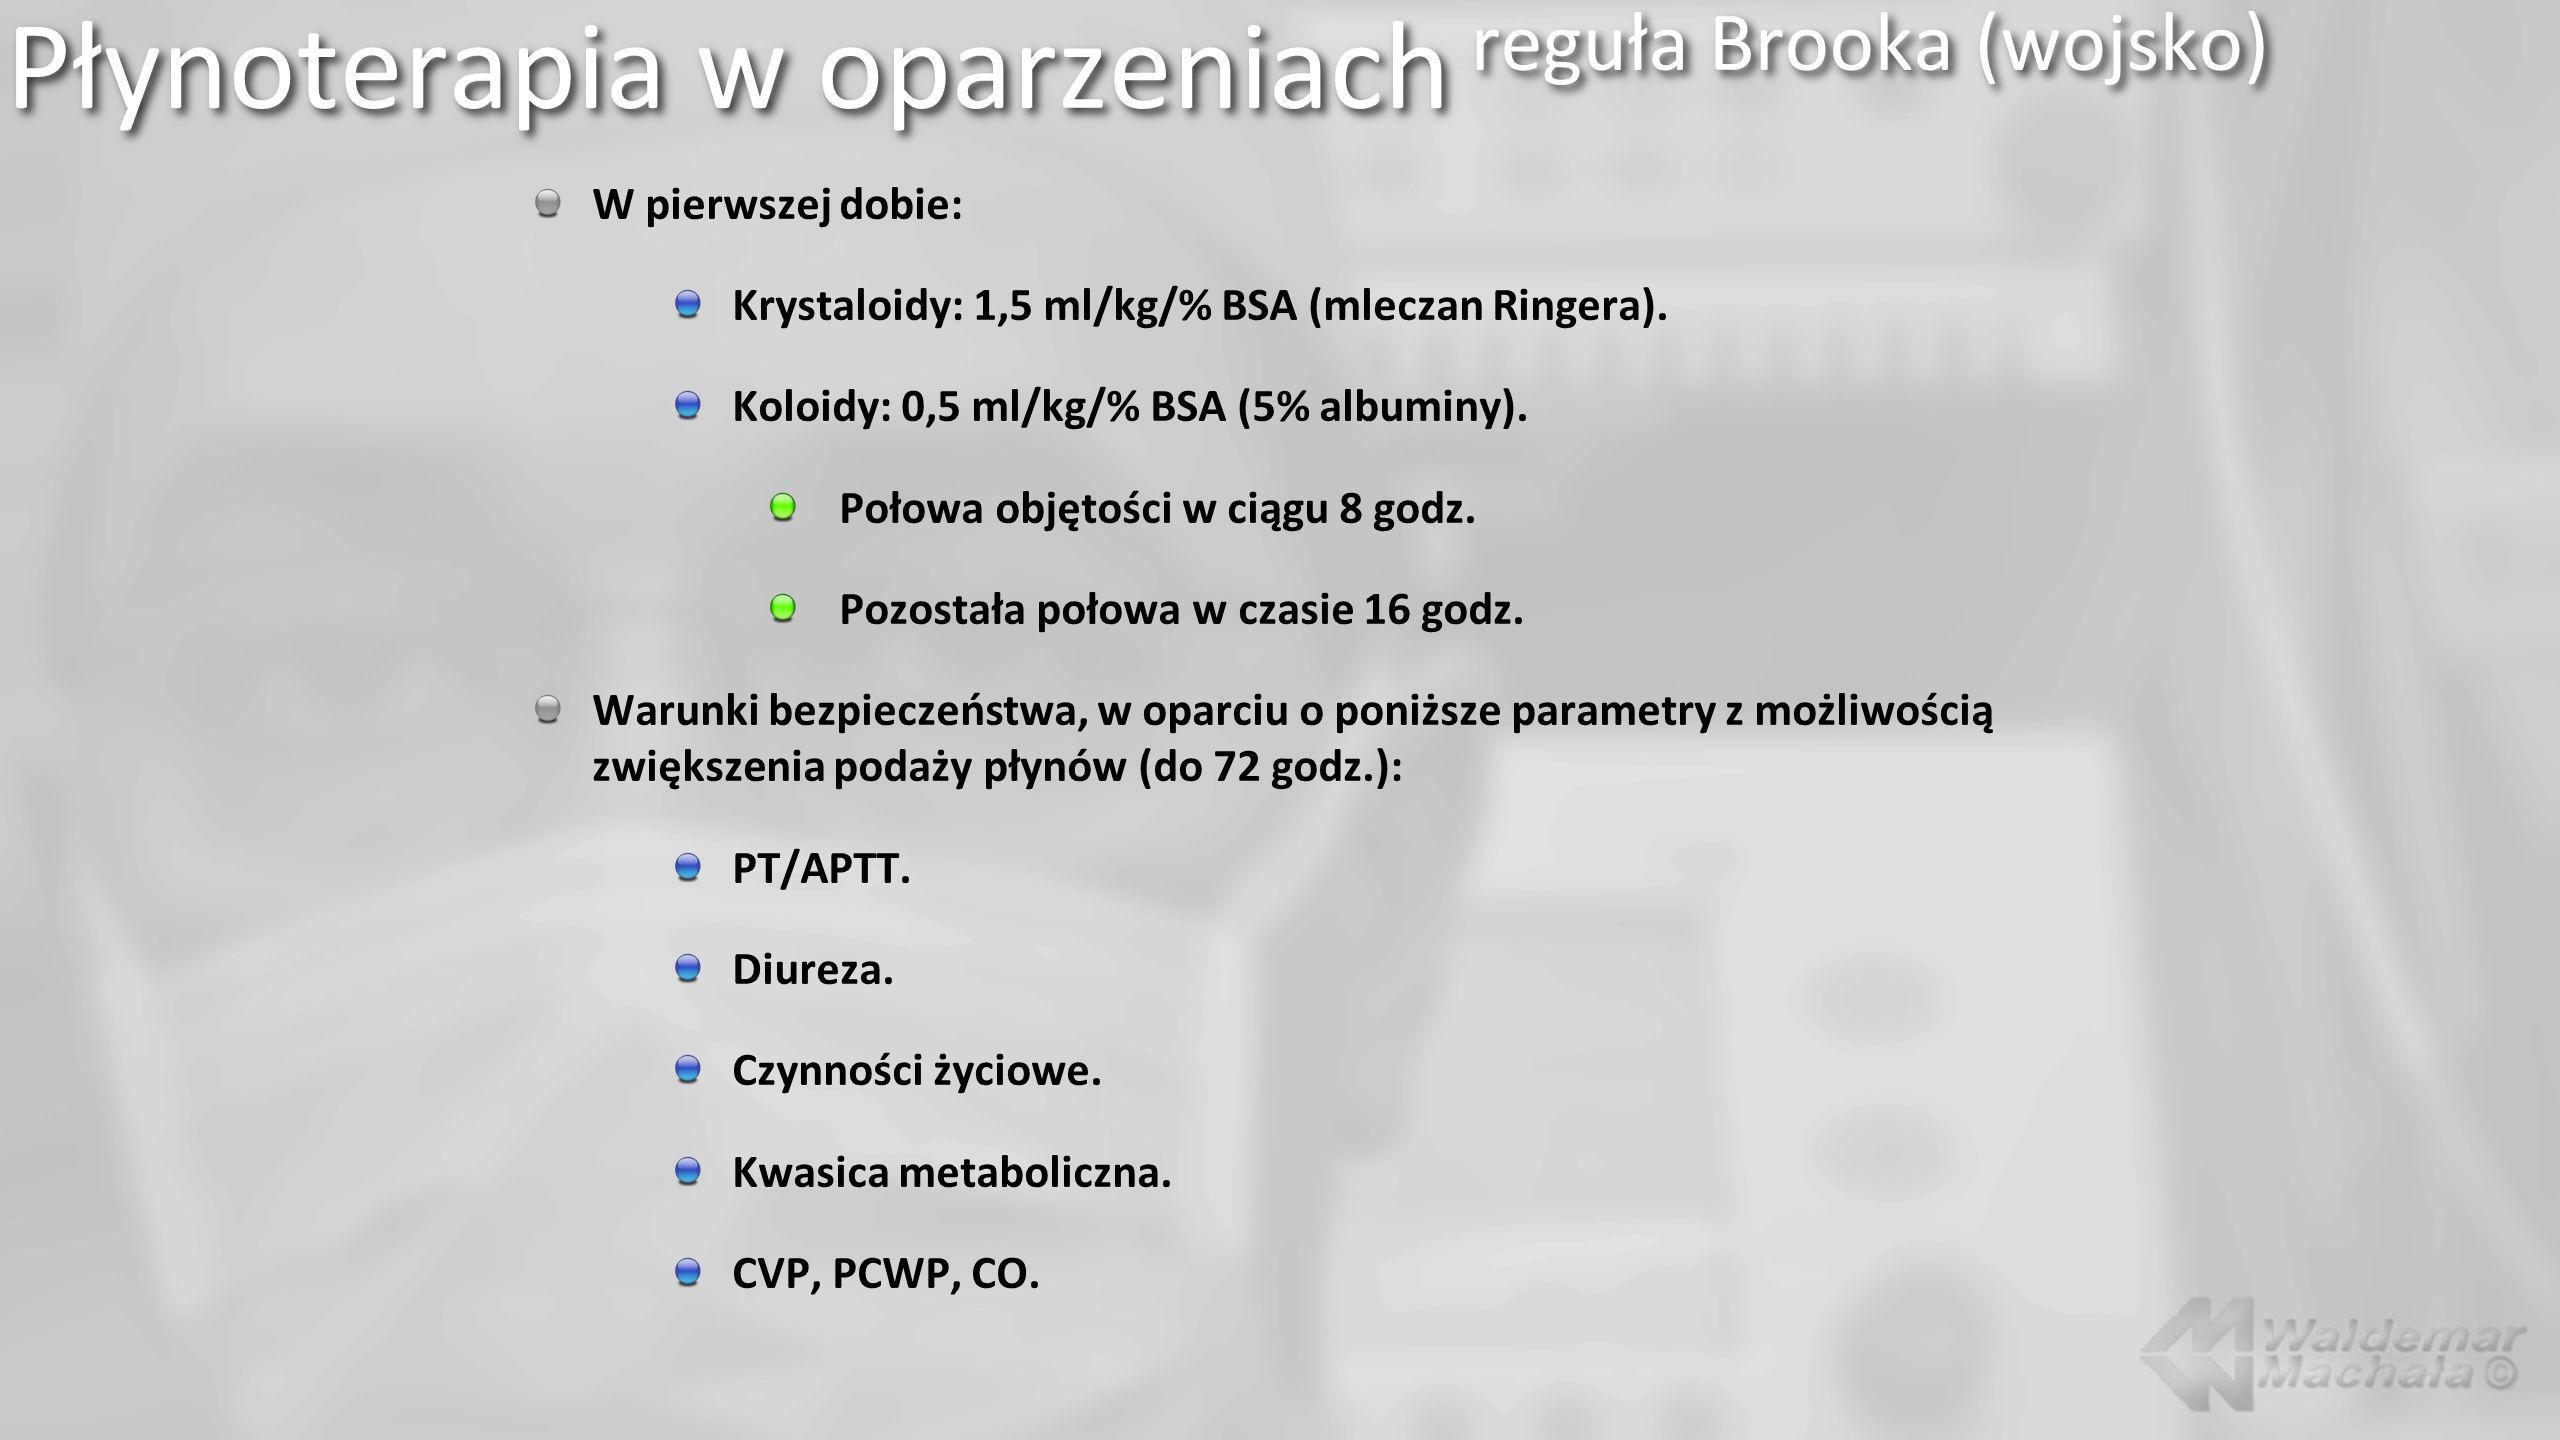 W pierwszej dobie: Krystaloidy: 1,5 ml/kg/% BSA (mleczan Ringera).